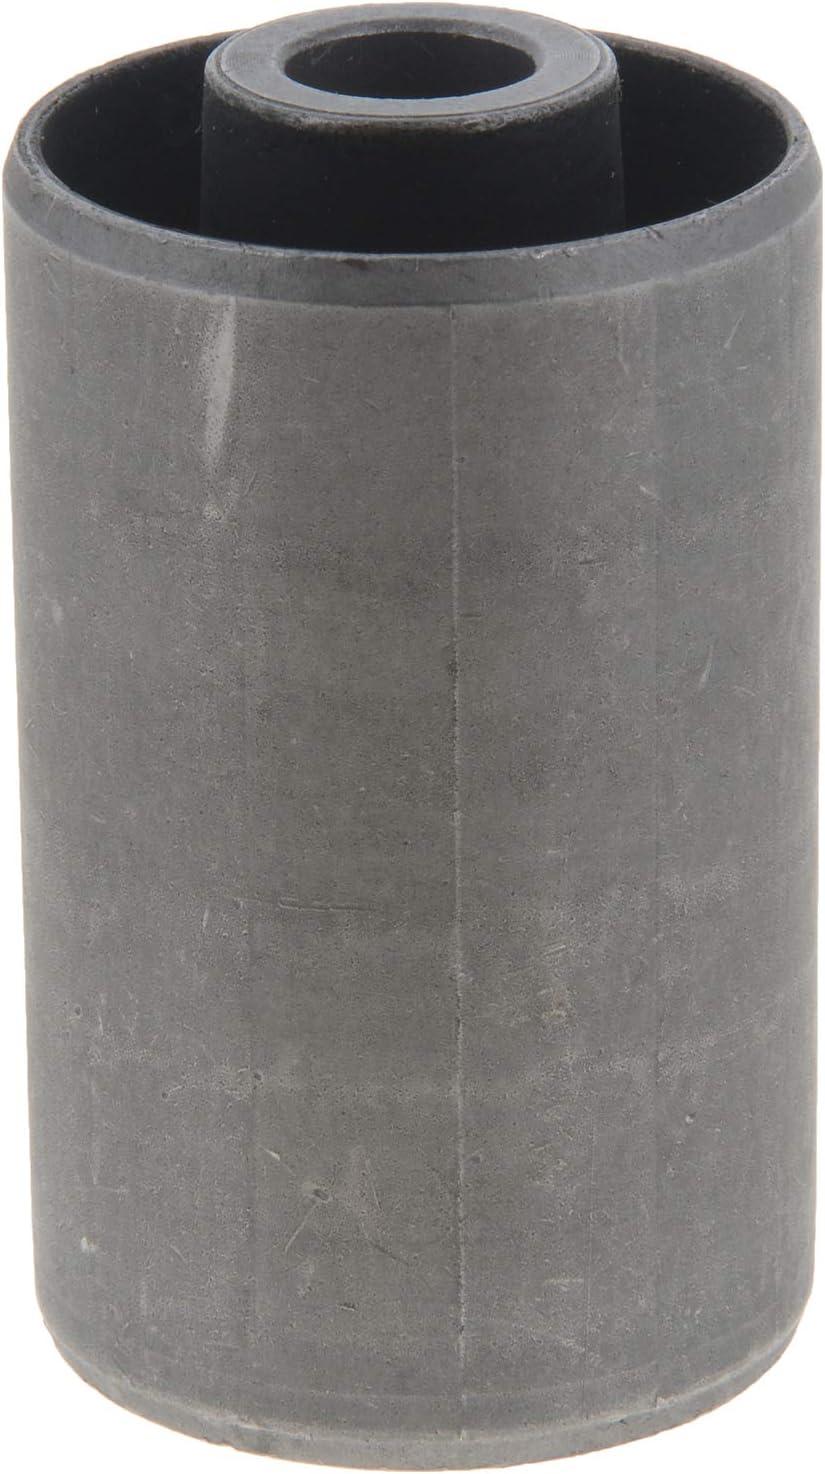 TRW JBU1745 Bushing Control Arm